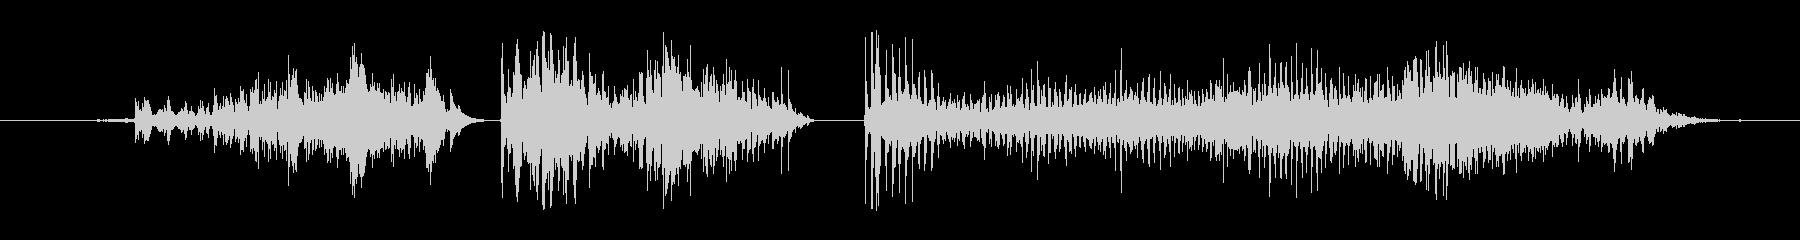 モンスター 窒息ゾンビ09の未再生の波形